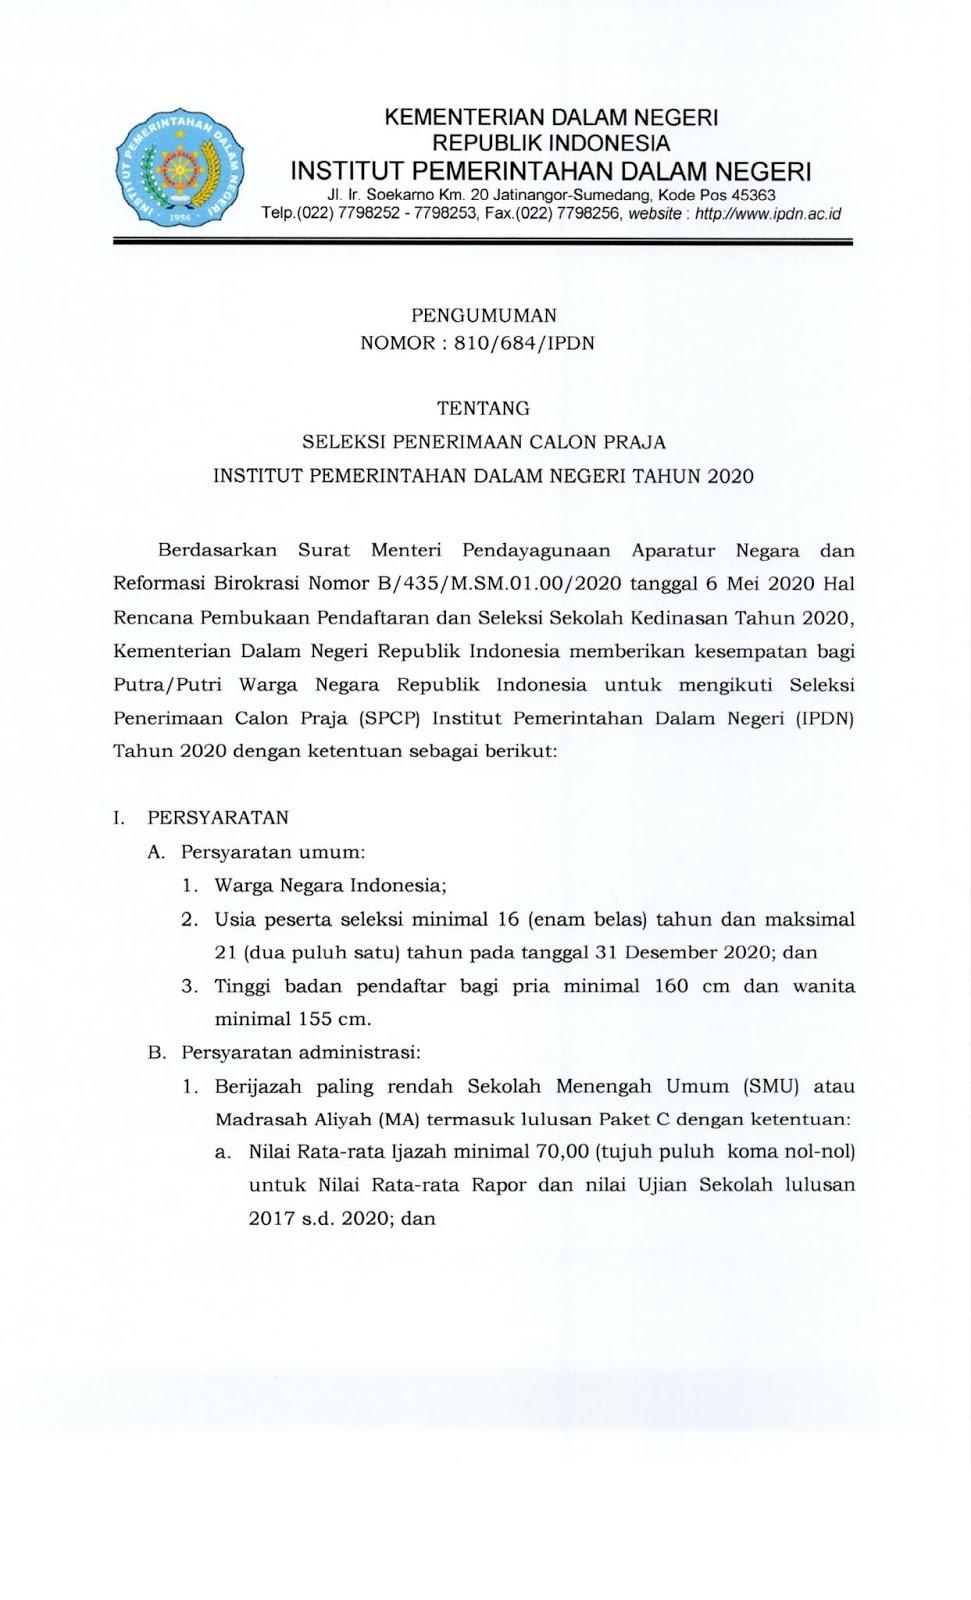 Penerimaan Calon Praja Institut Pemerintahan Dalam Negeri (IPDN) Kementerian Dalam Negeri Tahun 2020